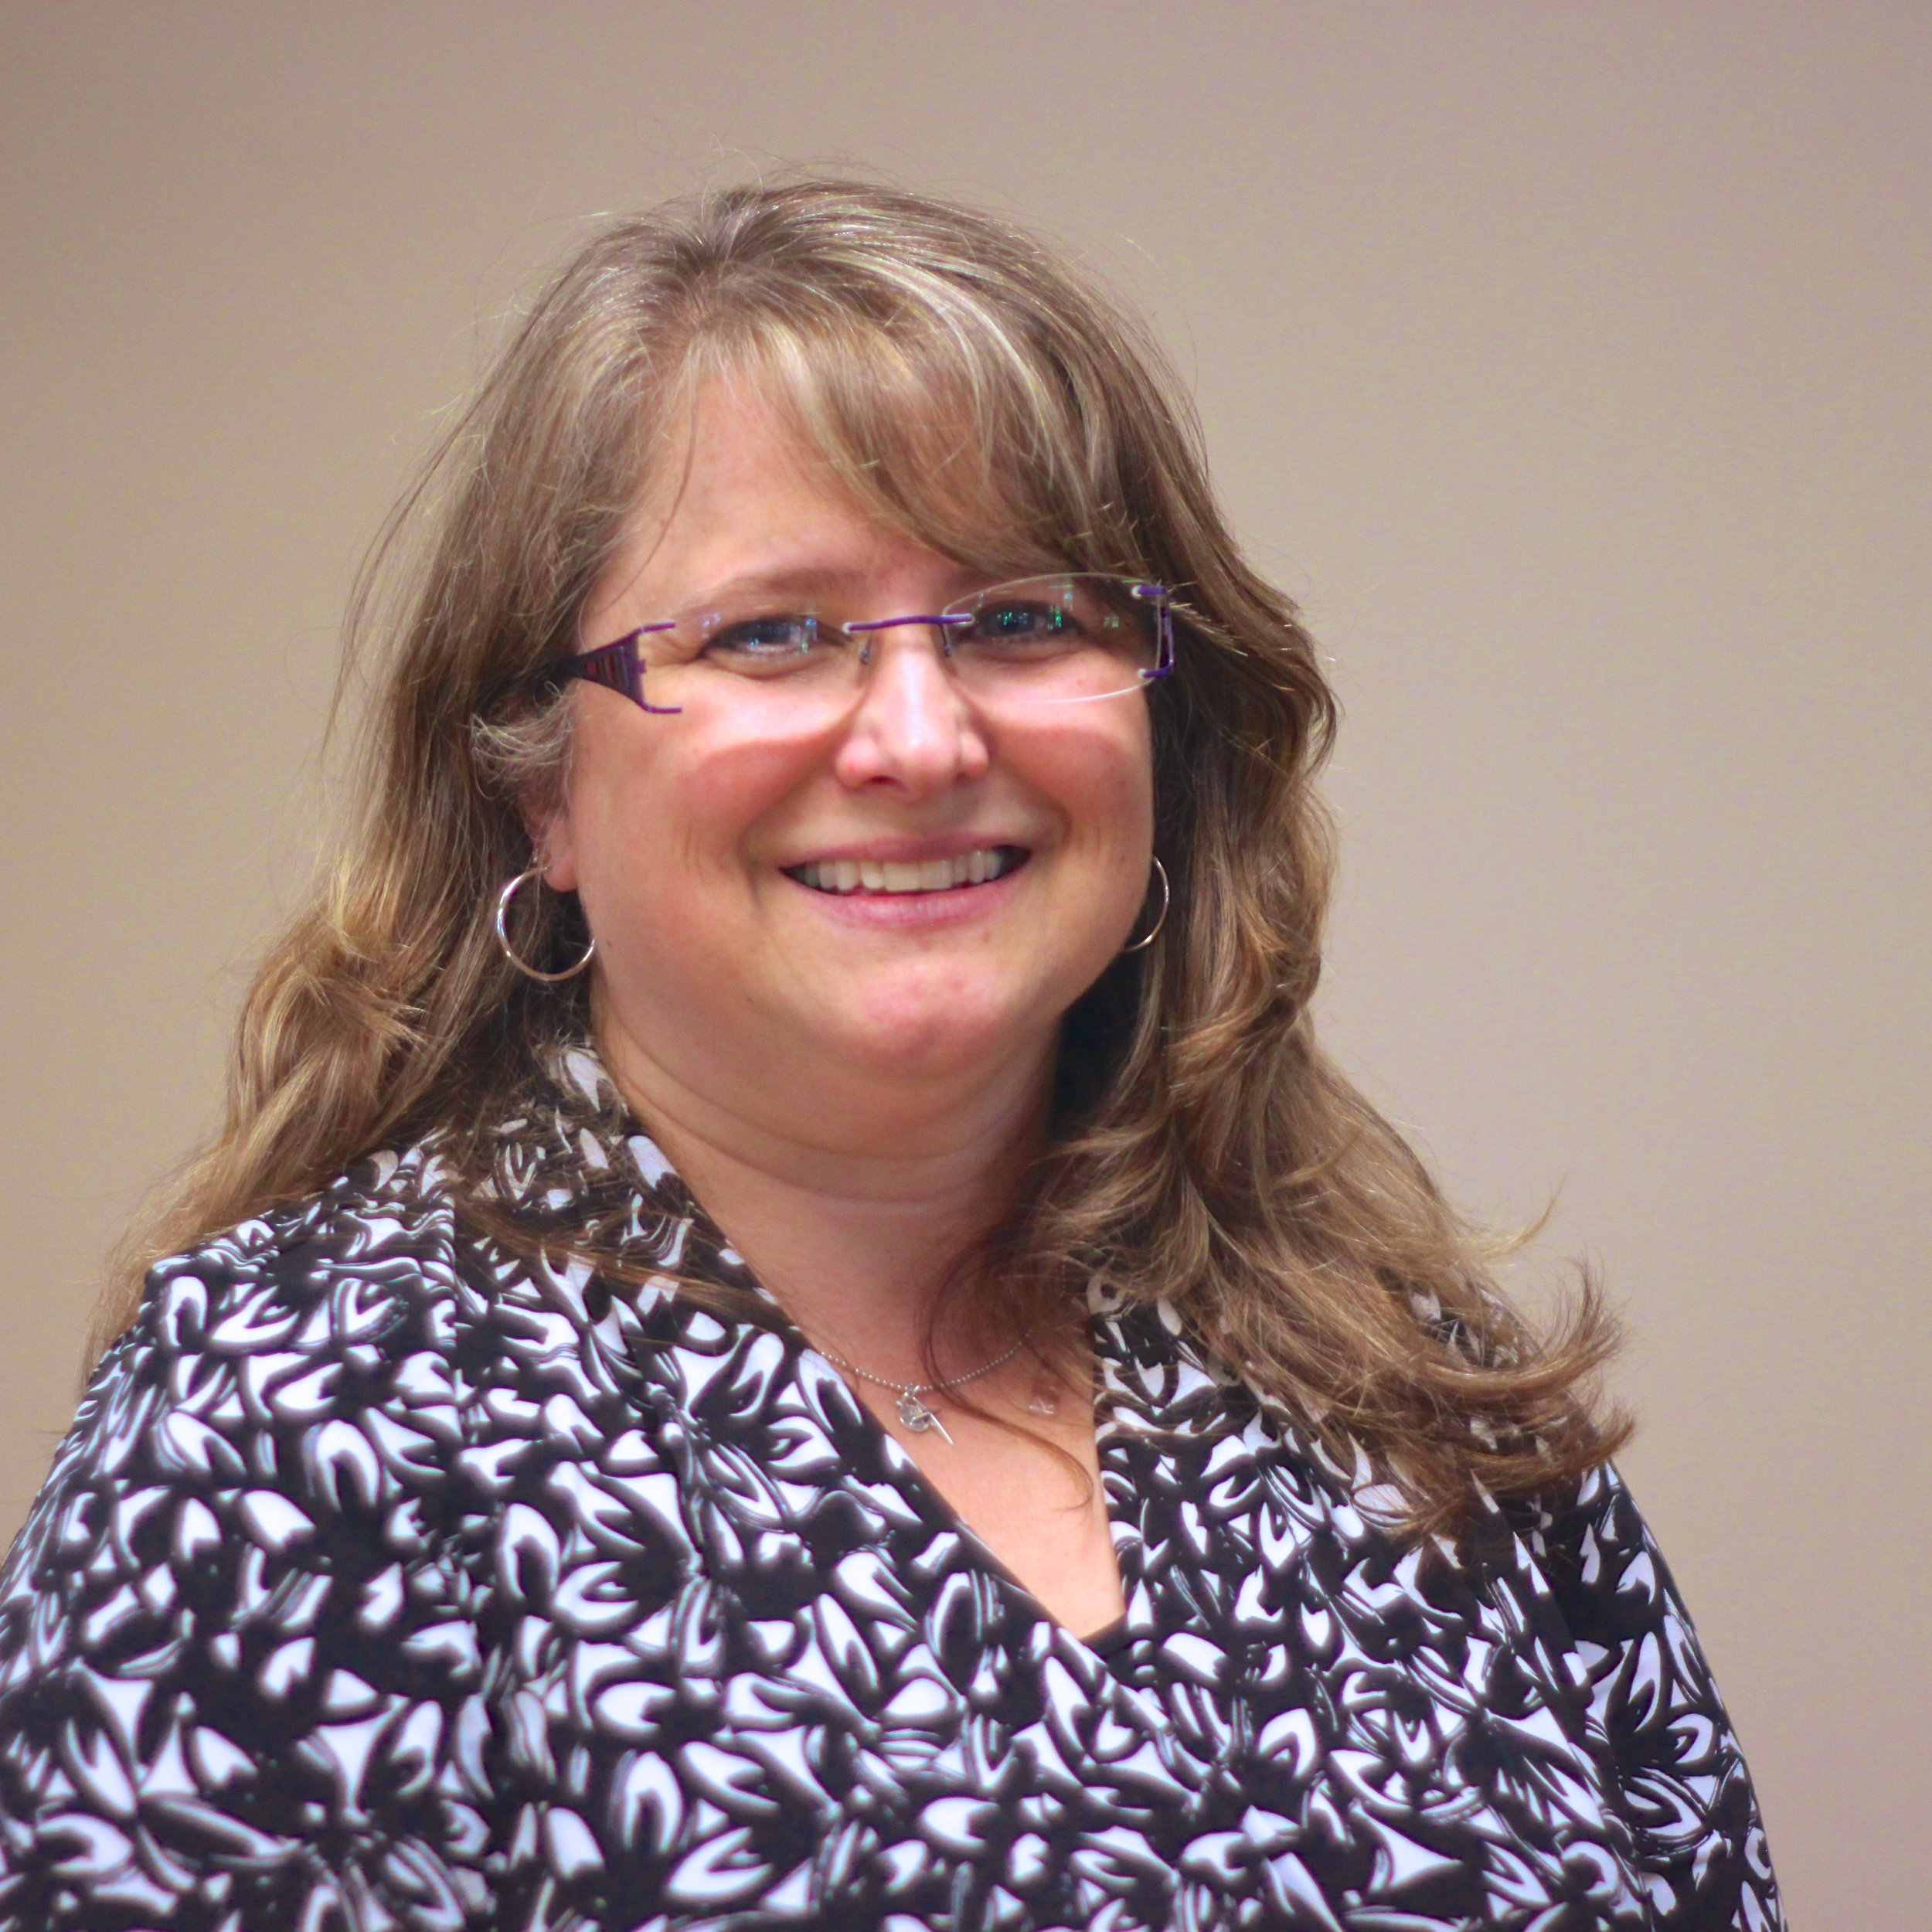 Annette Stone